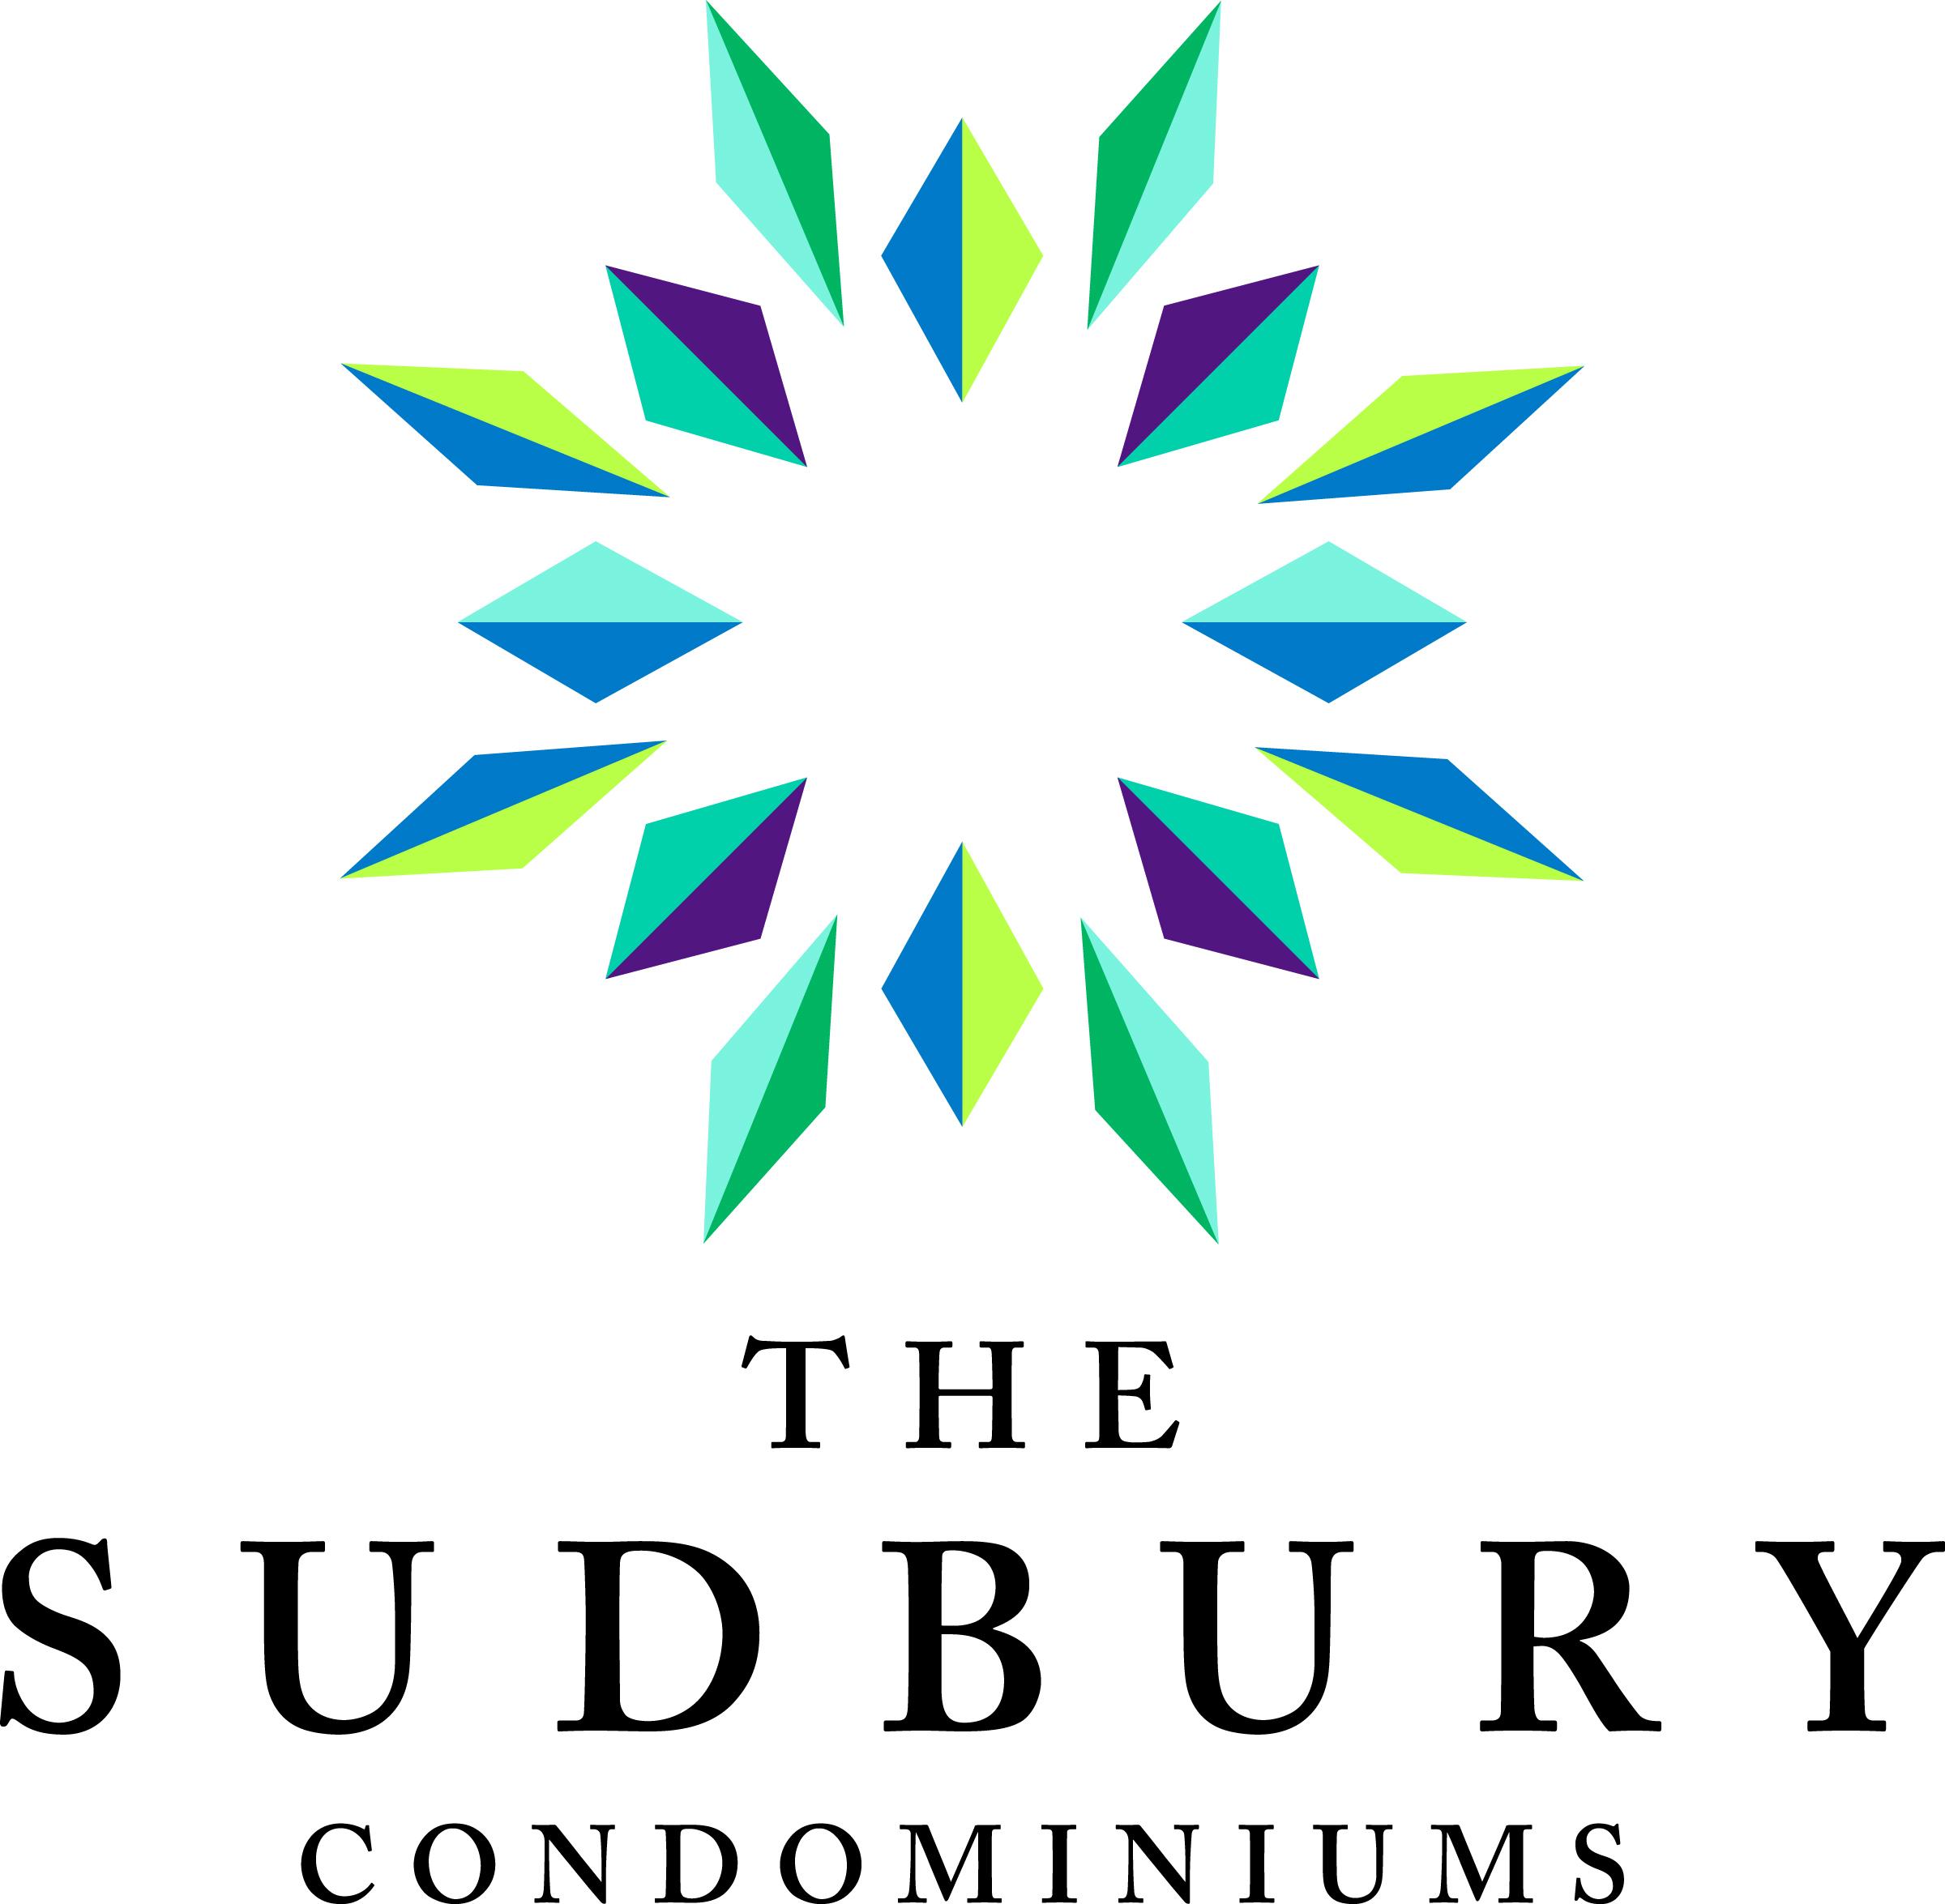 The Sudbury Condominiums